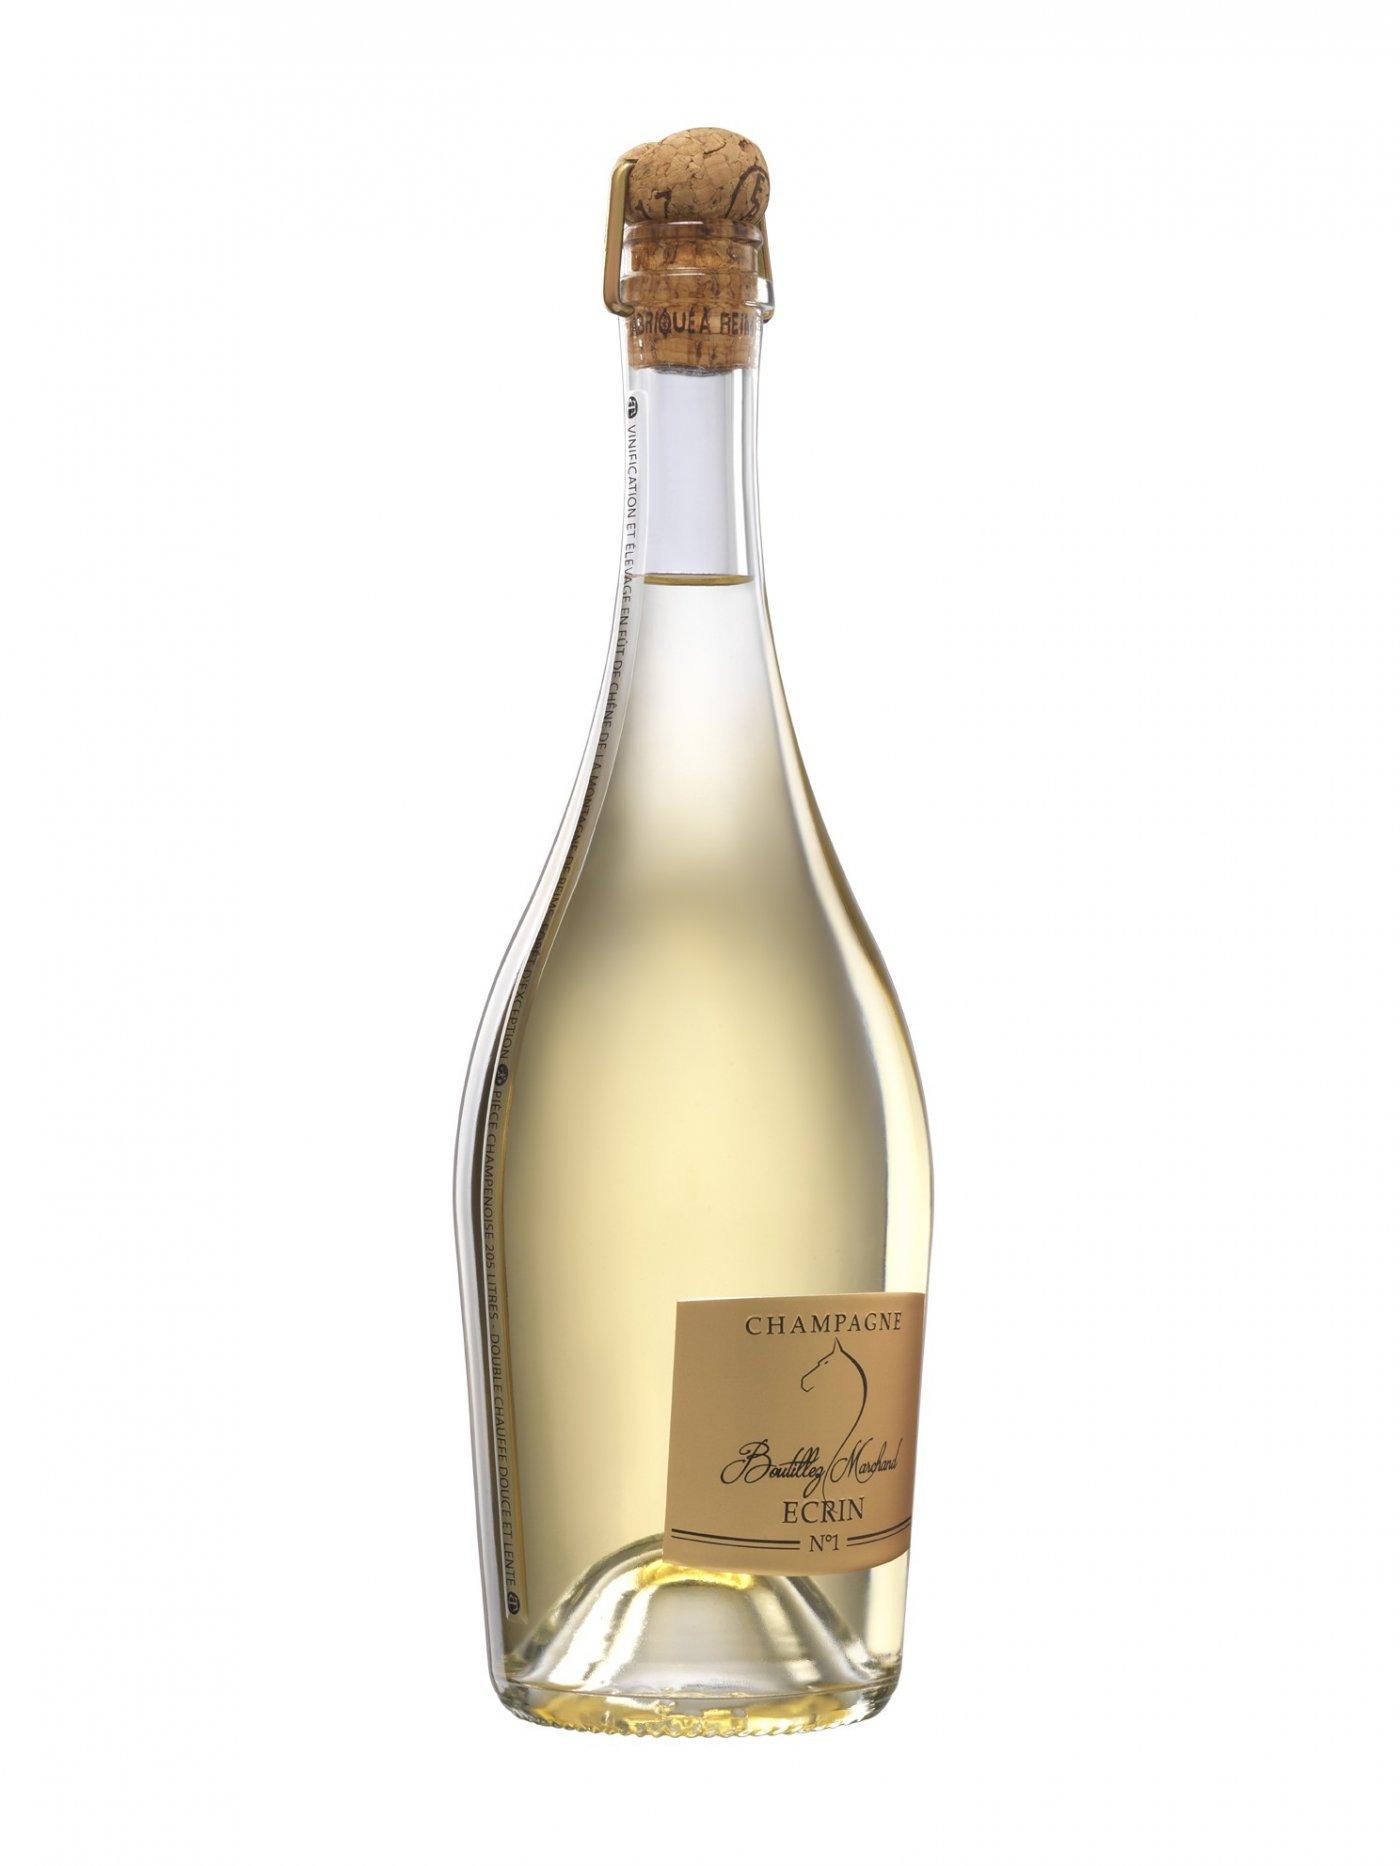 champagne-boutillez-marchand-a-villers-marmery-un-ecrin-represente-au-mieux-art-de-vivre-a-francaise